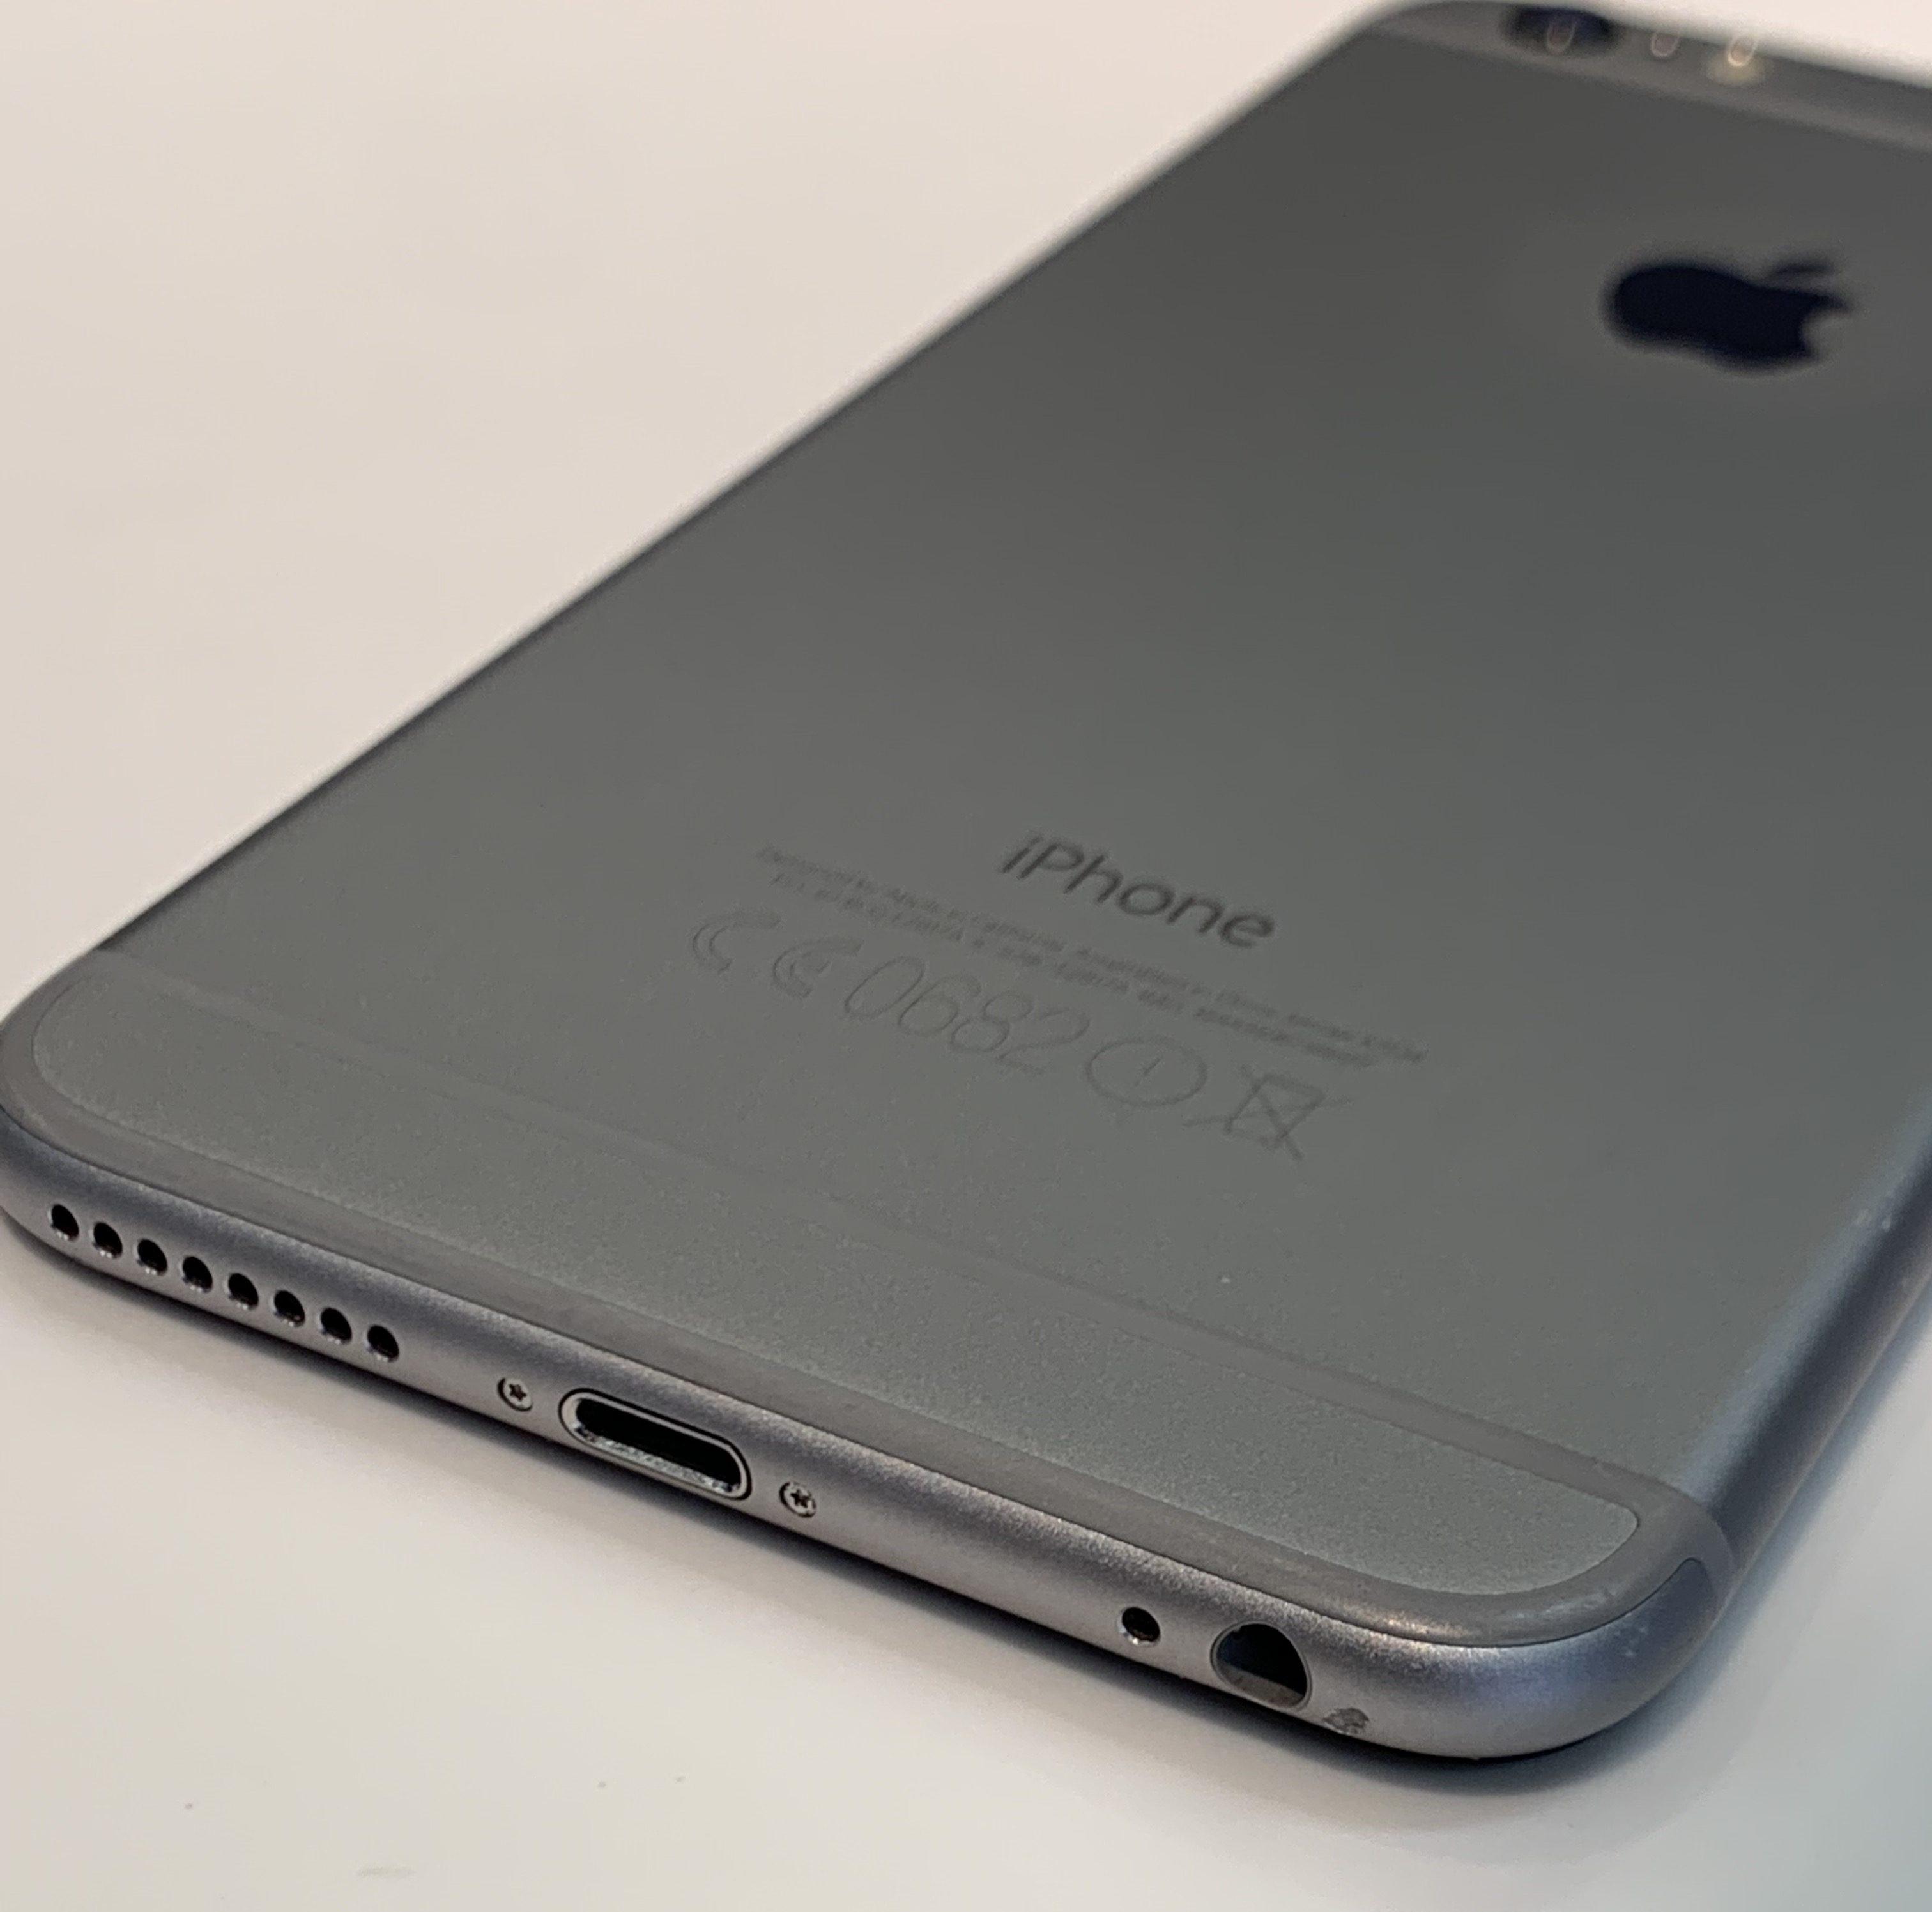 iPhone 6 Plus 16GB, 16 GB, Space Gray, imagen 3